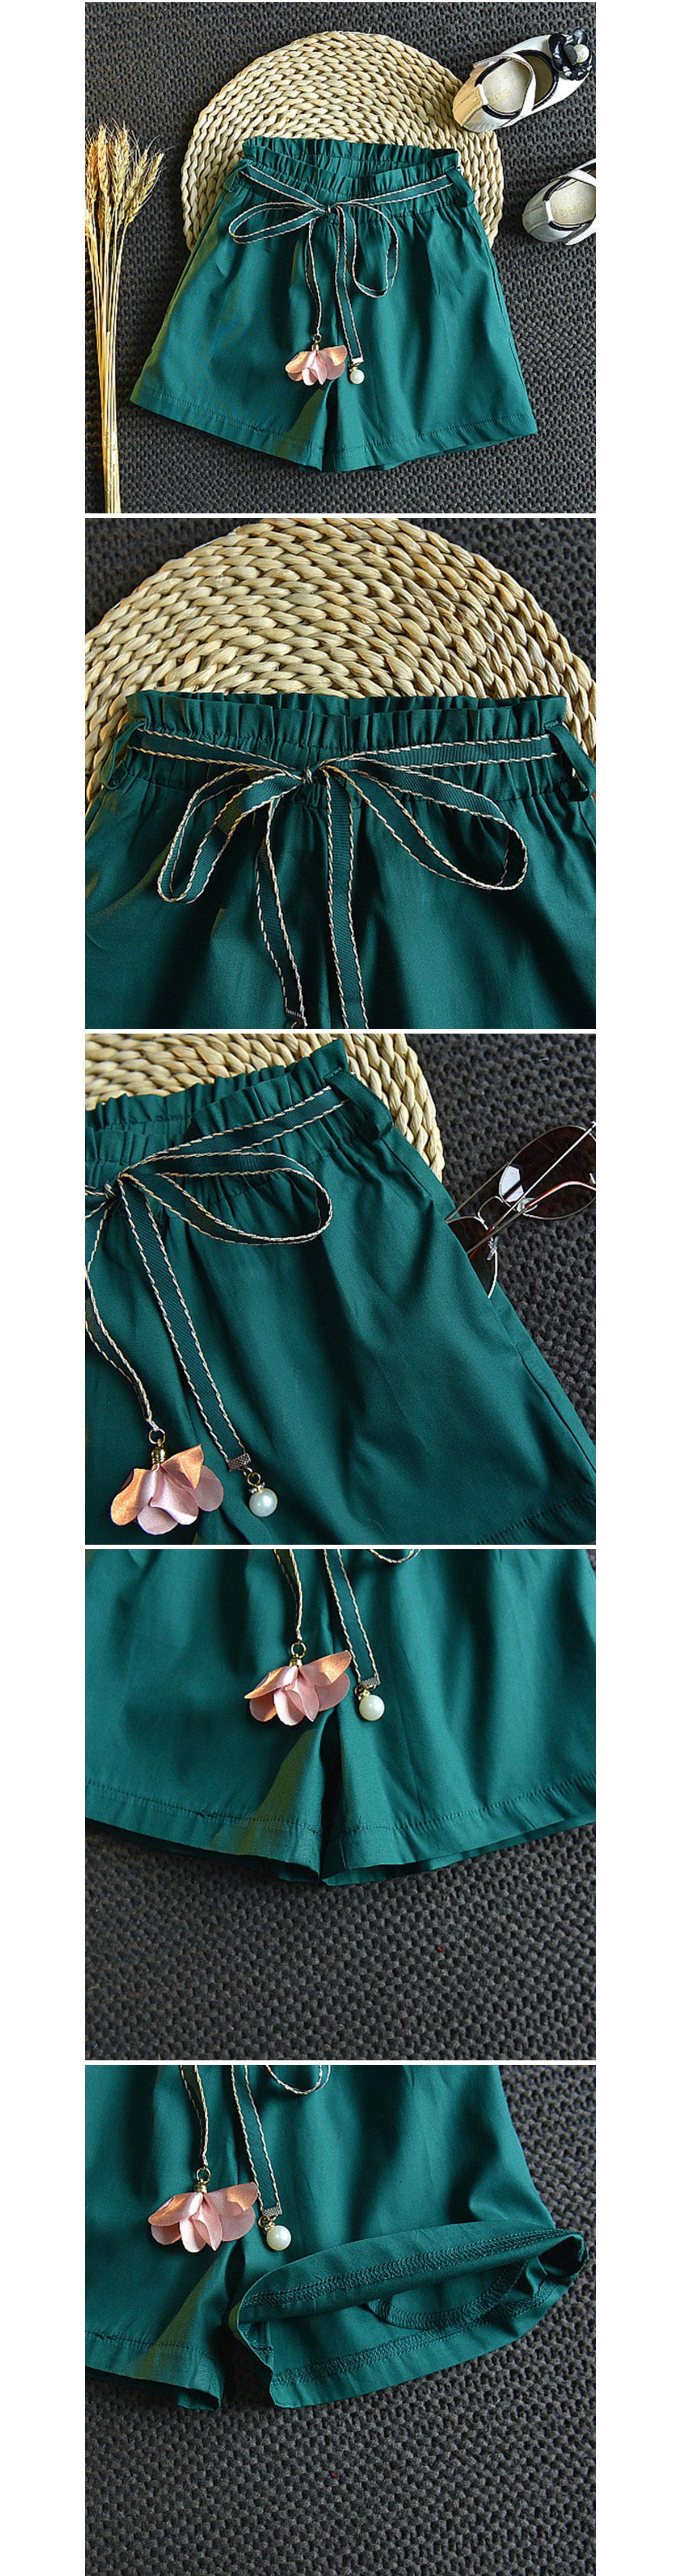 套裝.花邊無袖上衣寬鬆短褲兩件組.童裝